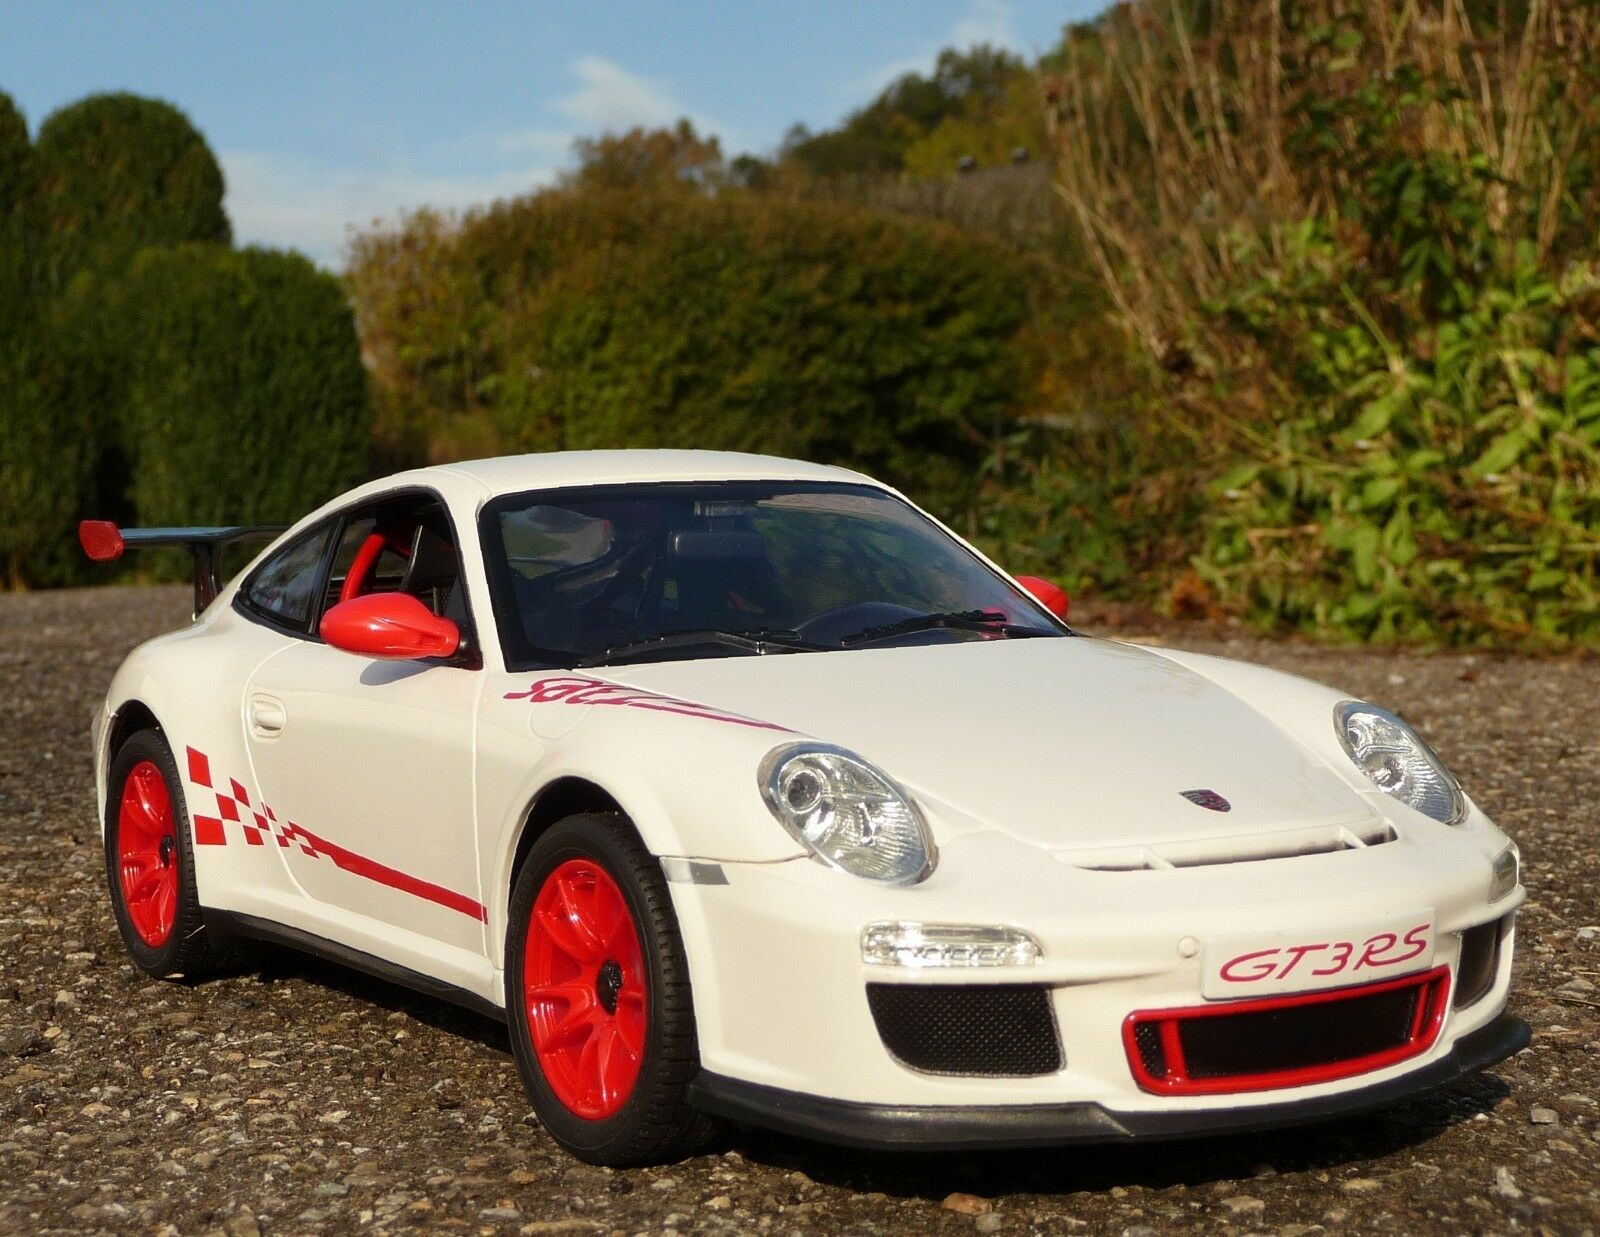 ecco l'ultimo RC modellololo Porsche 911 911 911 gt3 RS con luce lunghezza 32cm  remoto 27 MHz  404311  da non perdere!